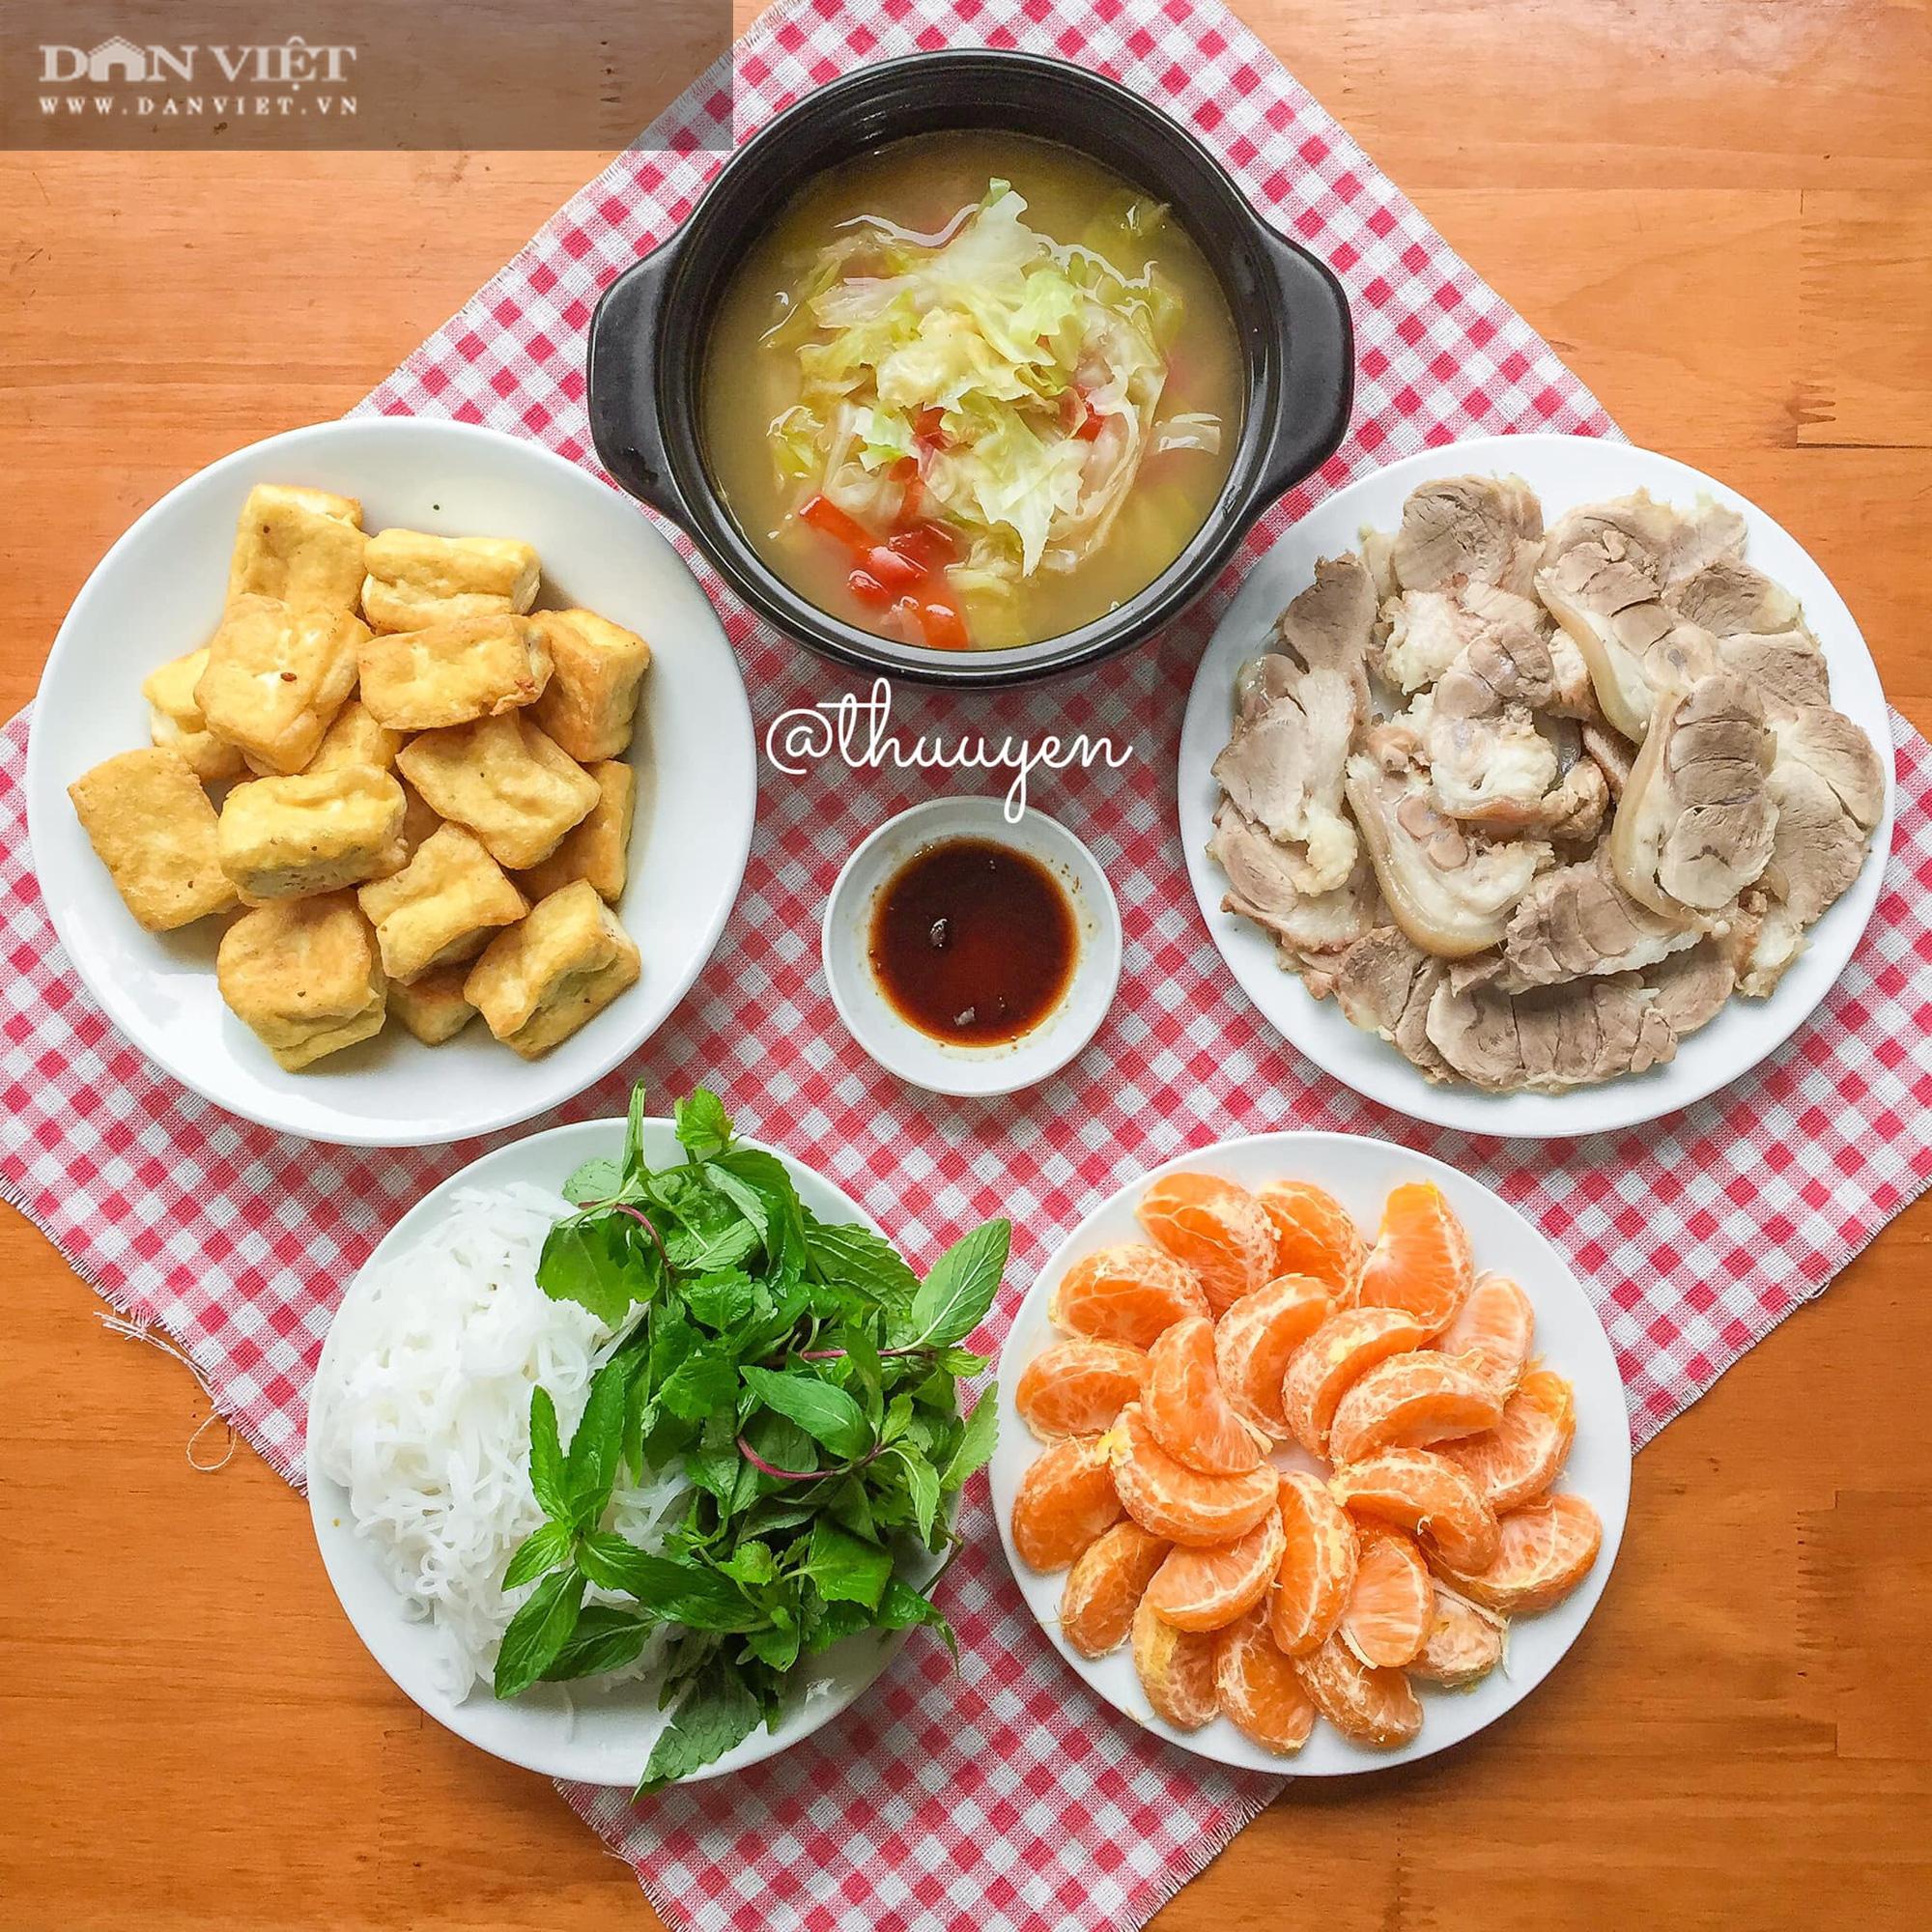 Gợi ý 9 thực đơn cho bữa cơm gia đình xua tan cái nóng của mùa hè - Ảnh 5.